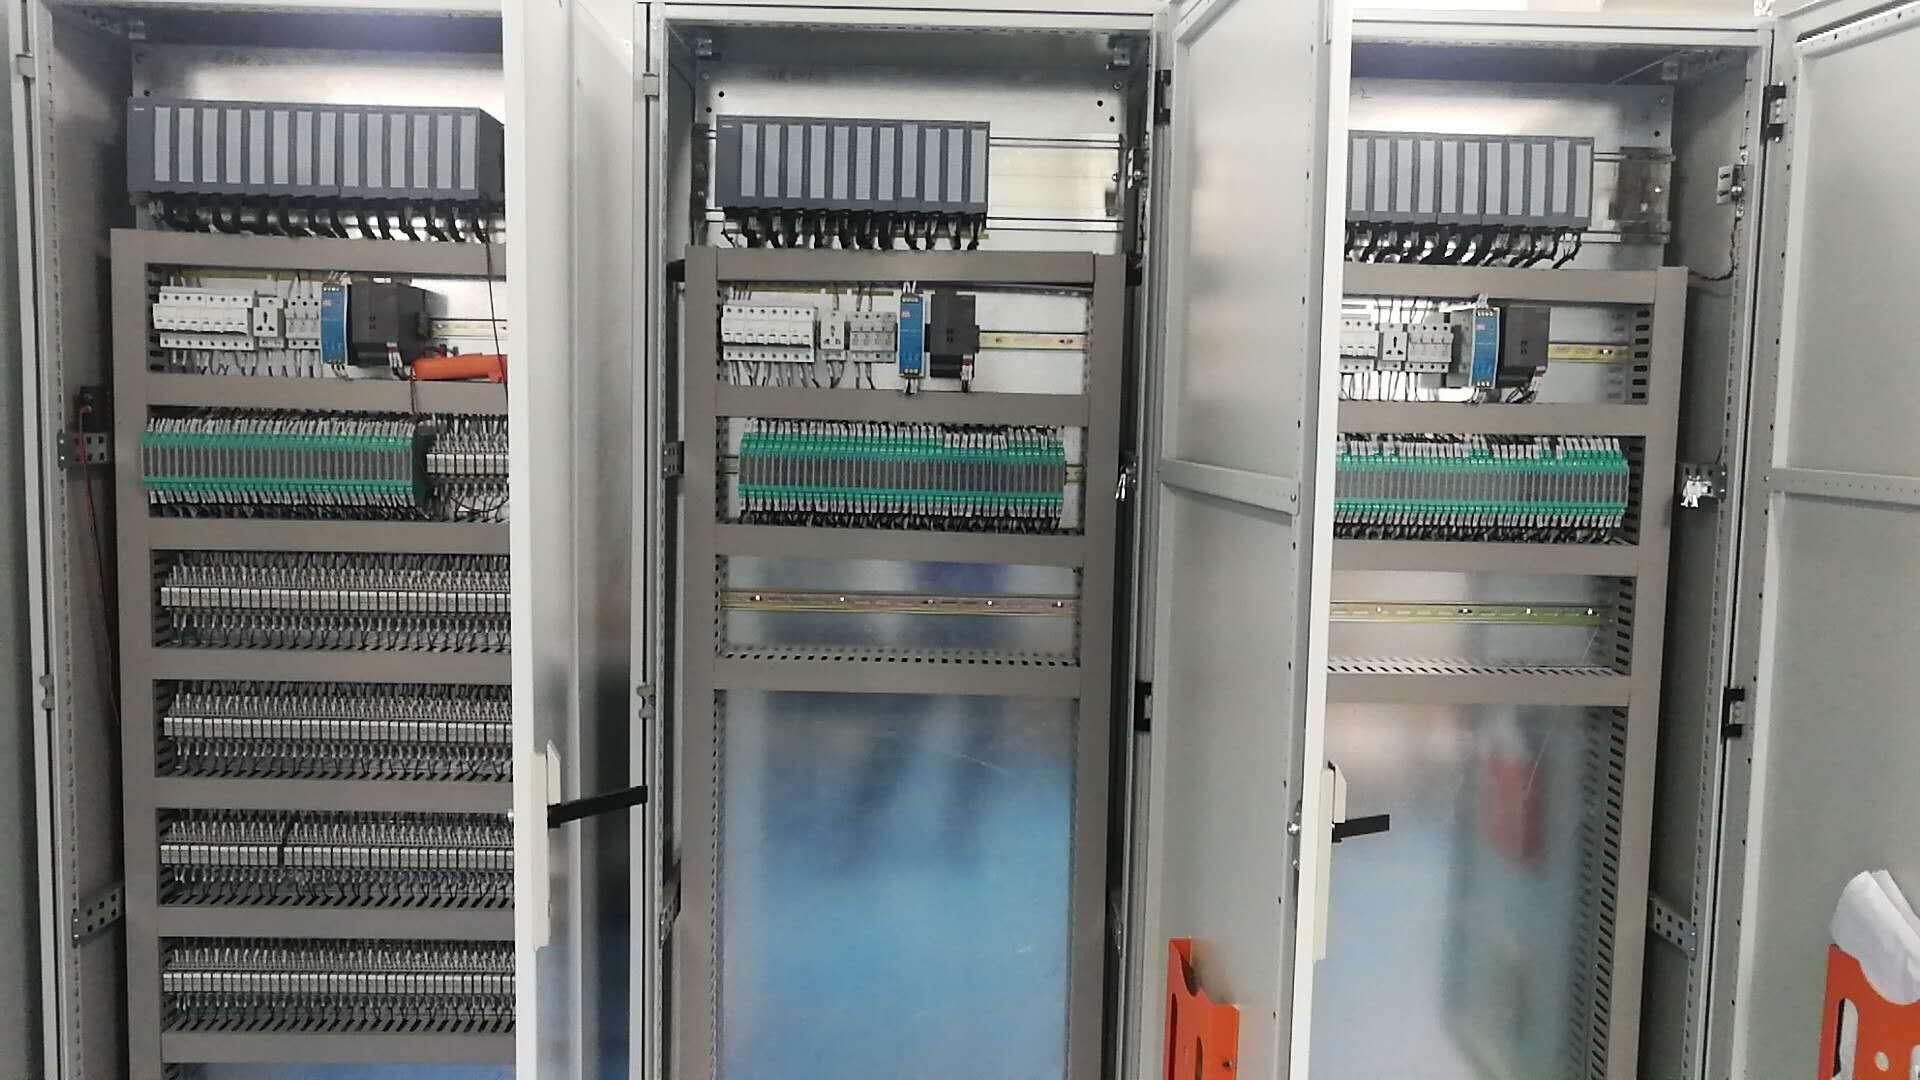 西安自动化成套控制系统设备厂家 找西安升阳科技